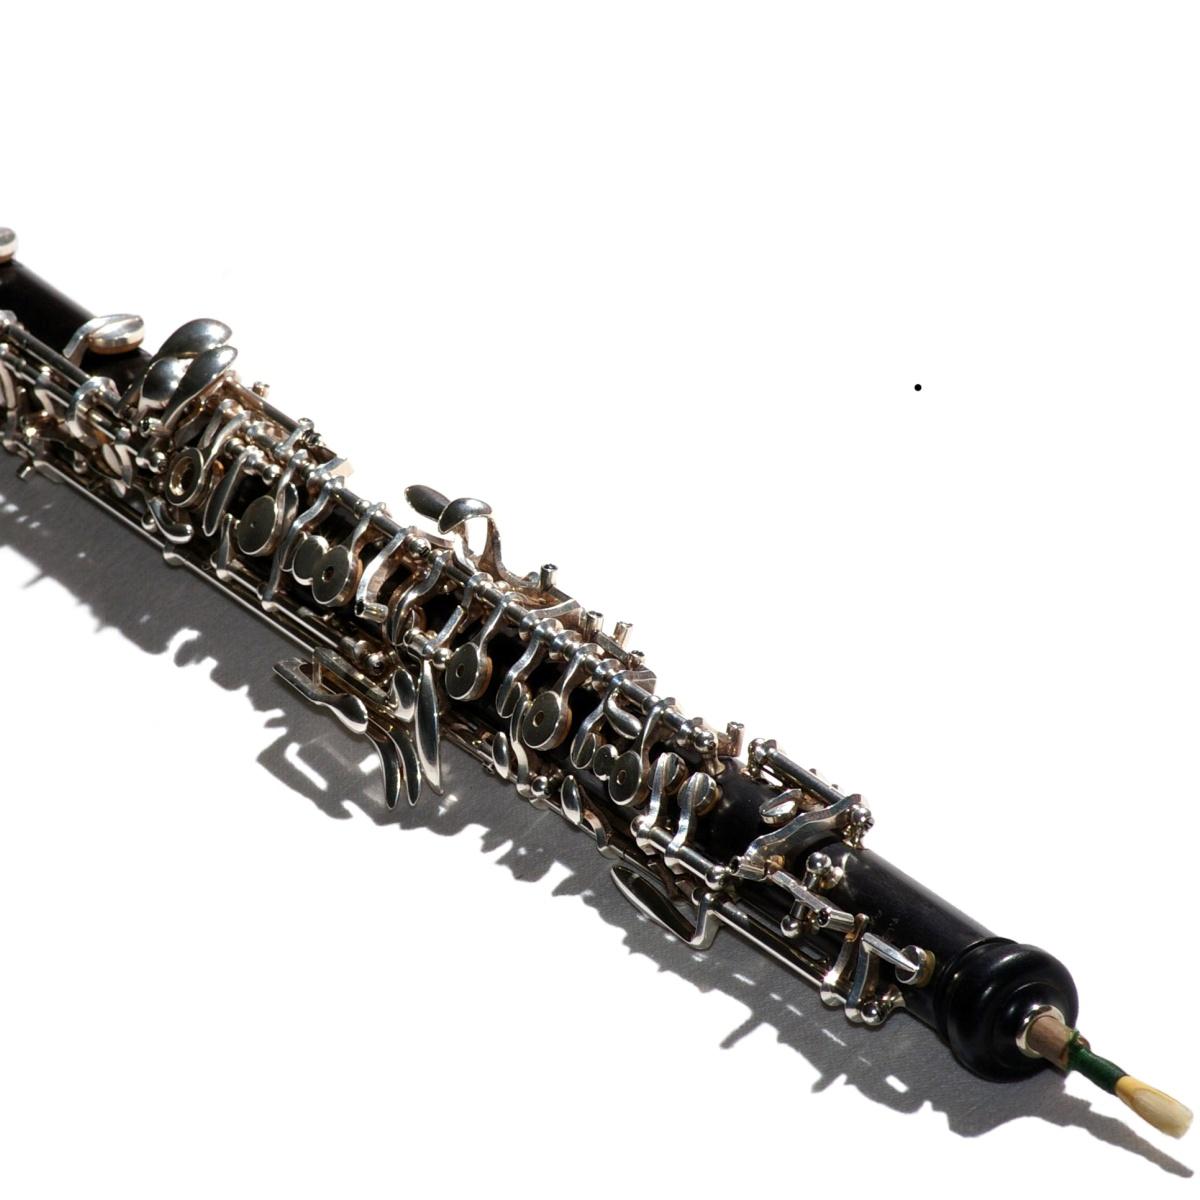 Musiikinstrumänt foont iir 2017: jü oboe